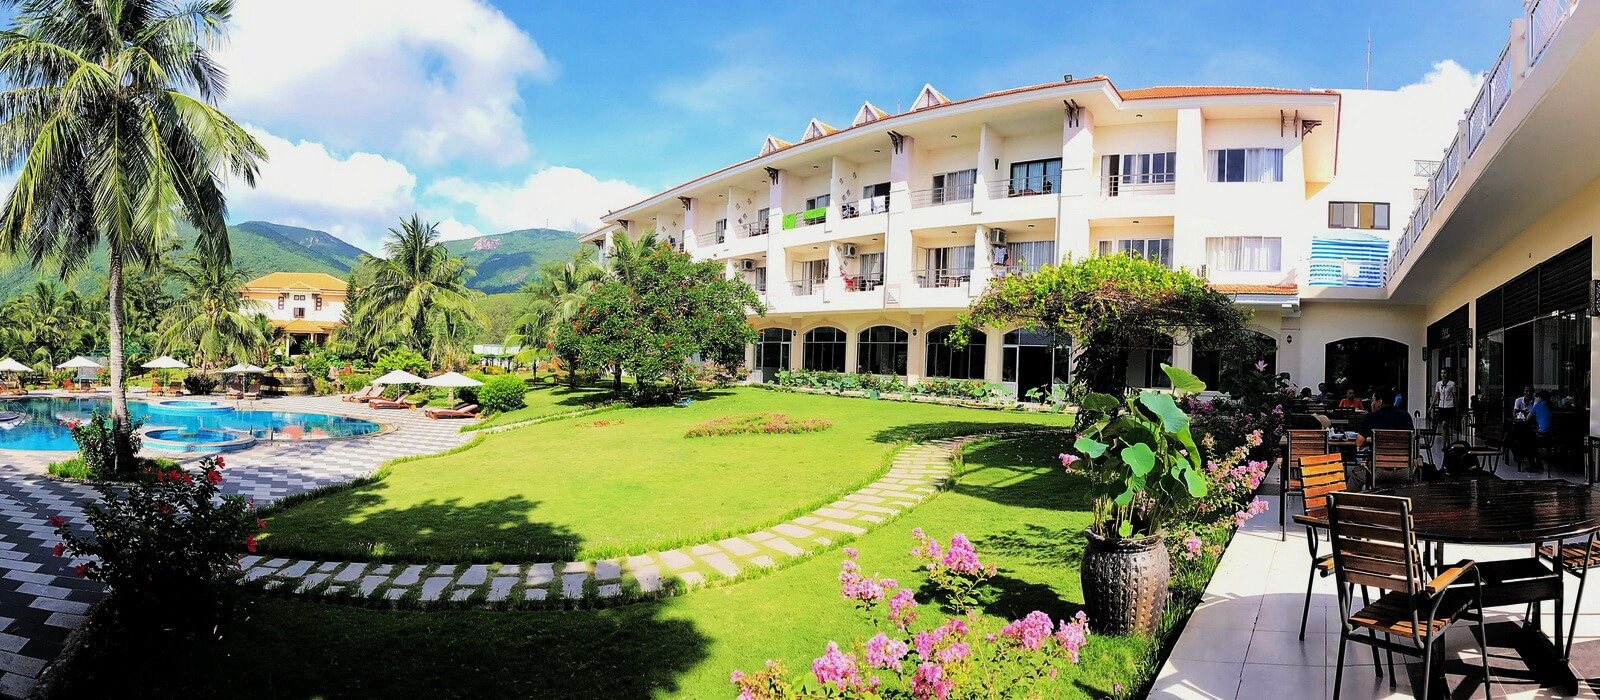 Khách sạn Côn Đảo có thảm cỏ xanh mướt